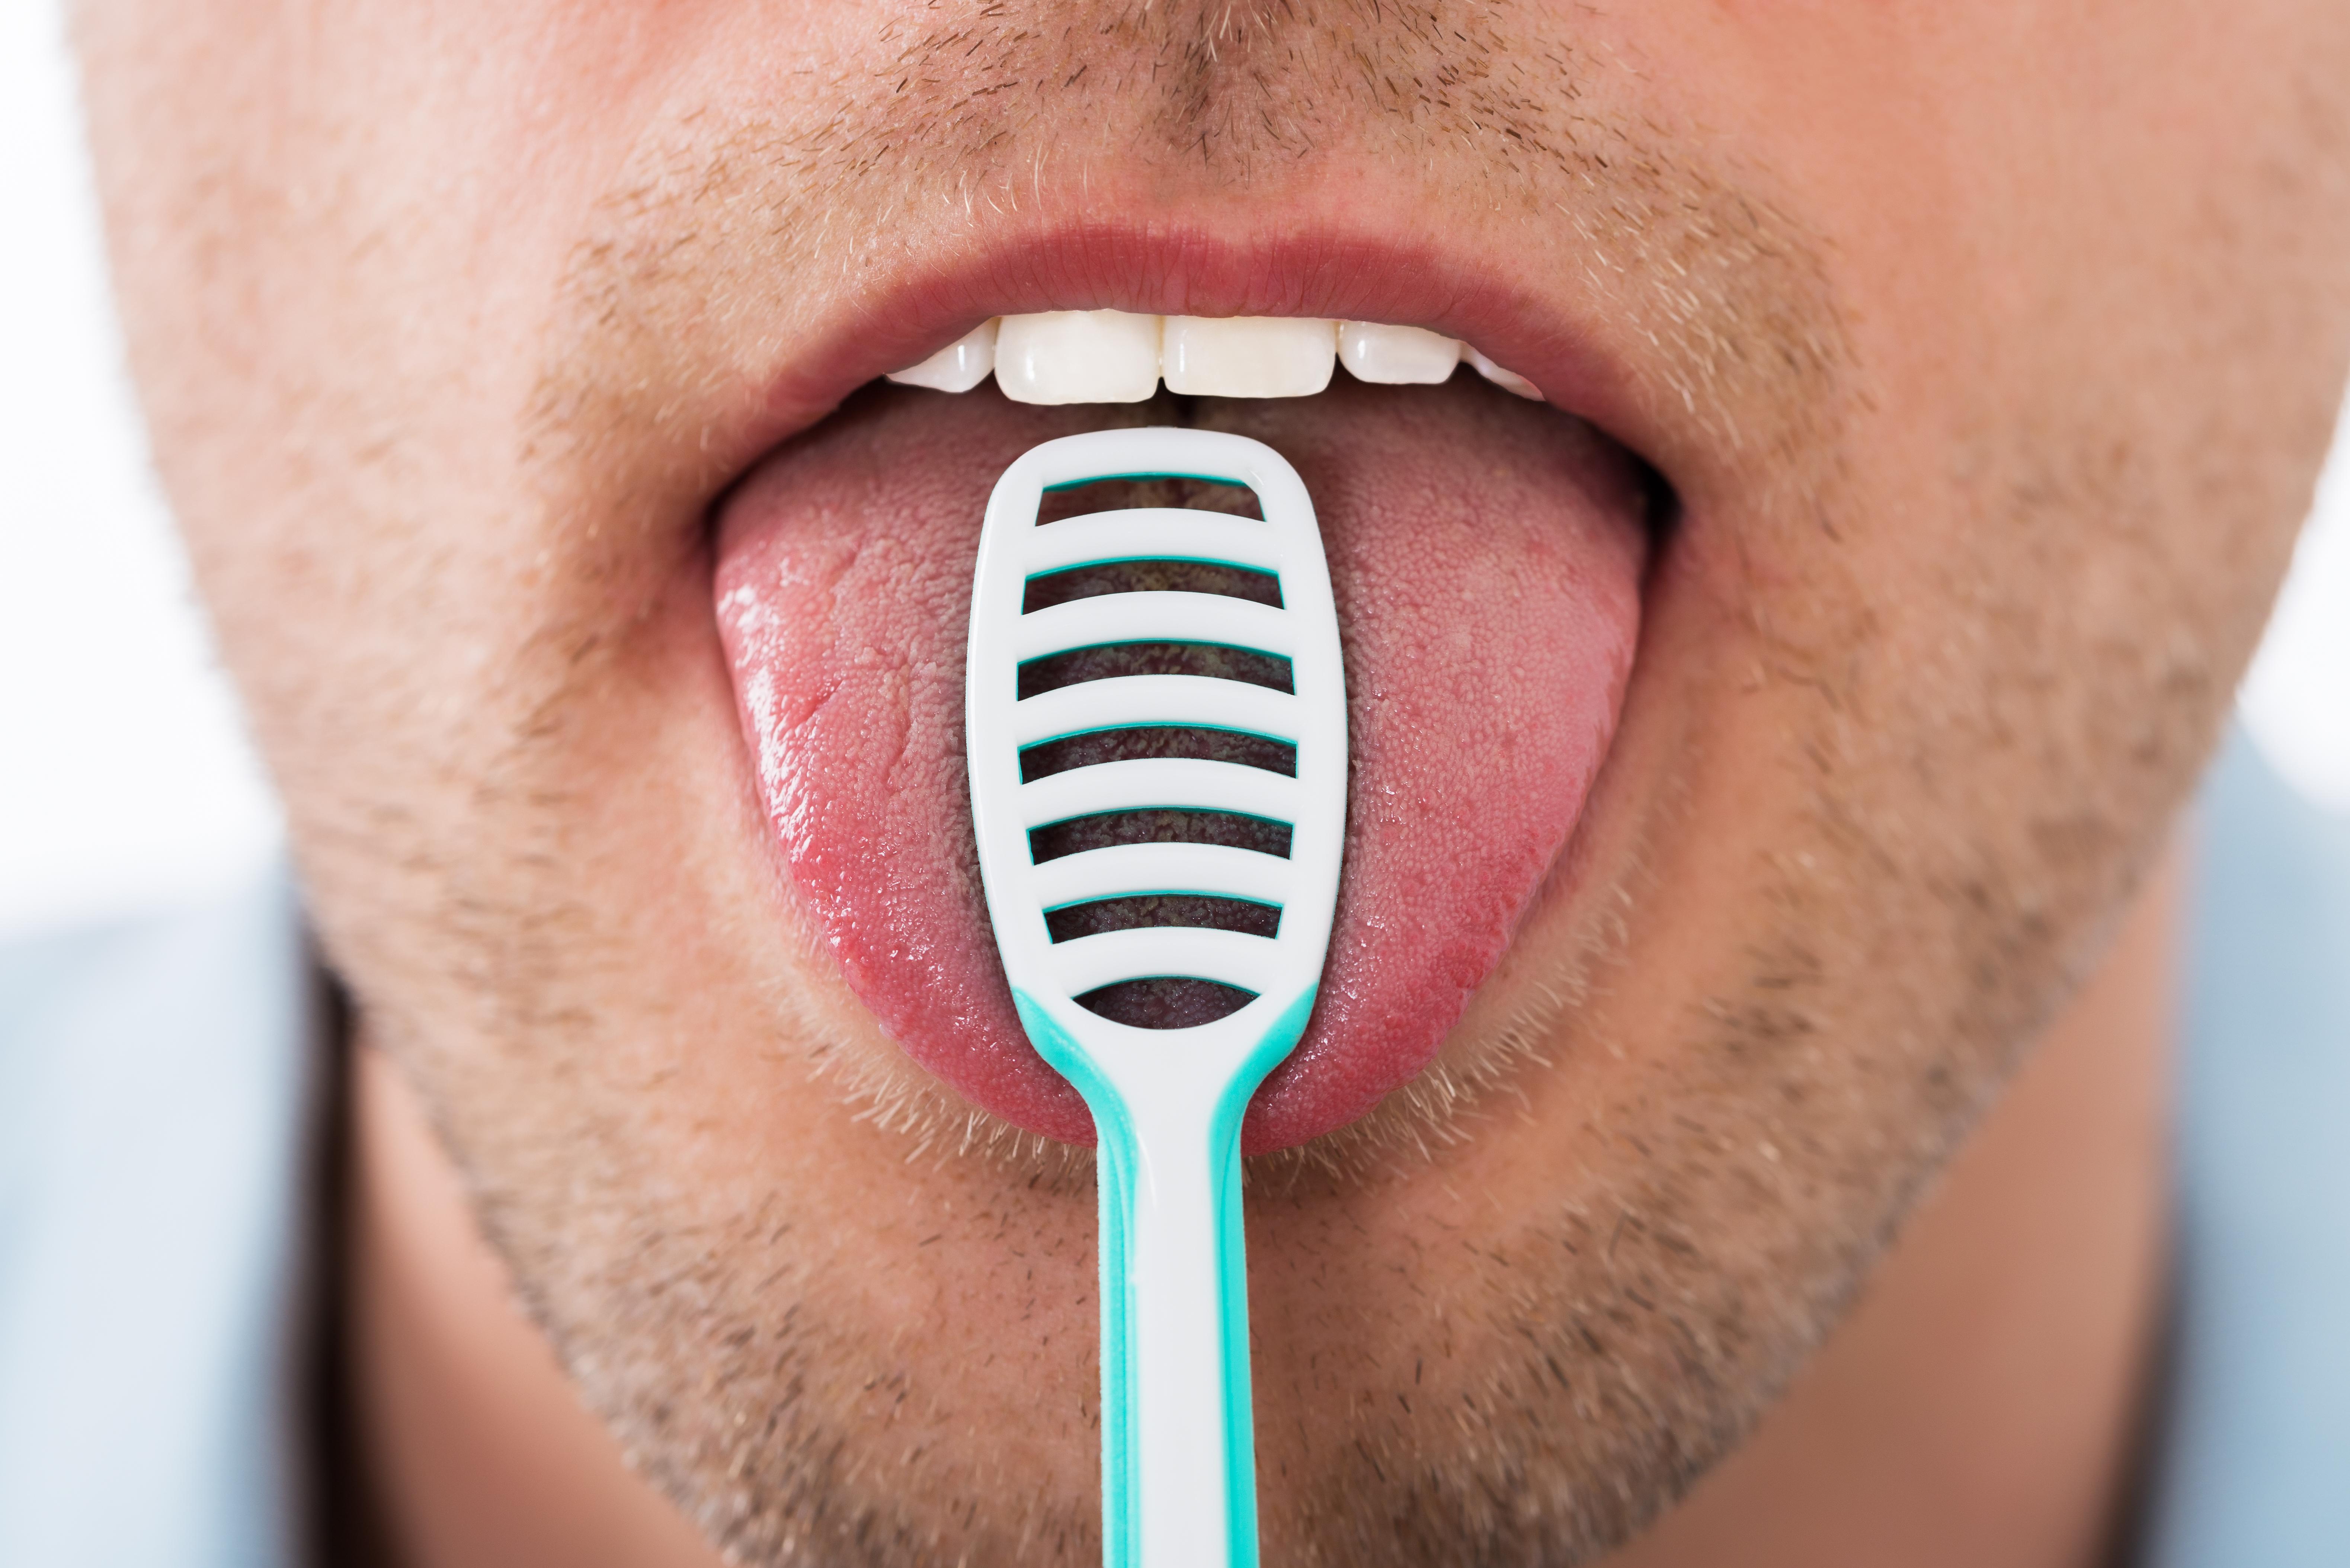 Kontroll av spyttkjertler i forbindelse med dårlig ånde som skyldes lavere spyttproduksjon.